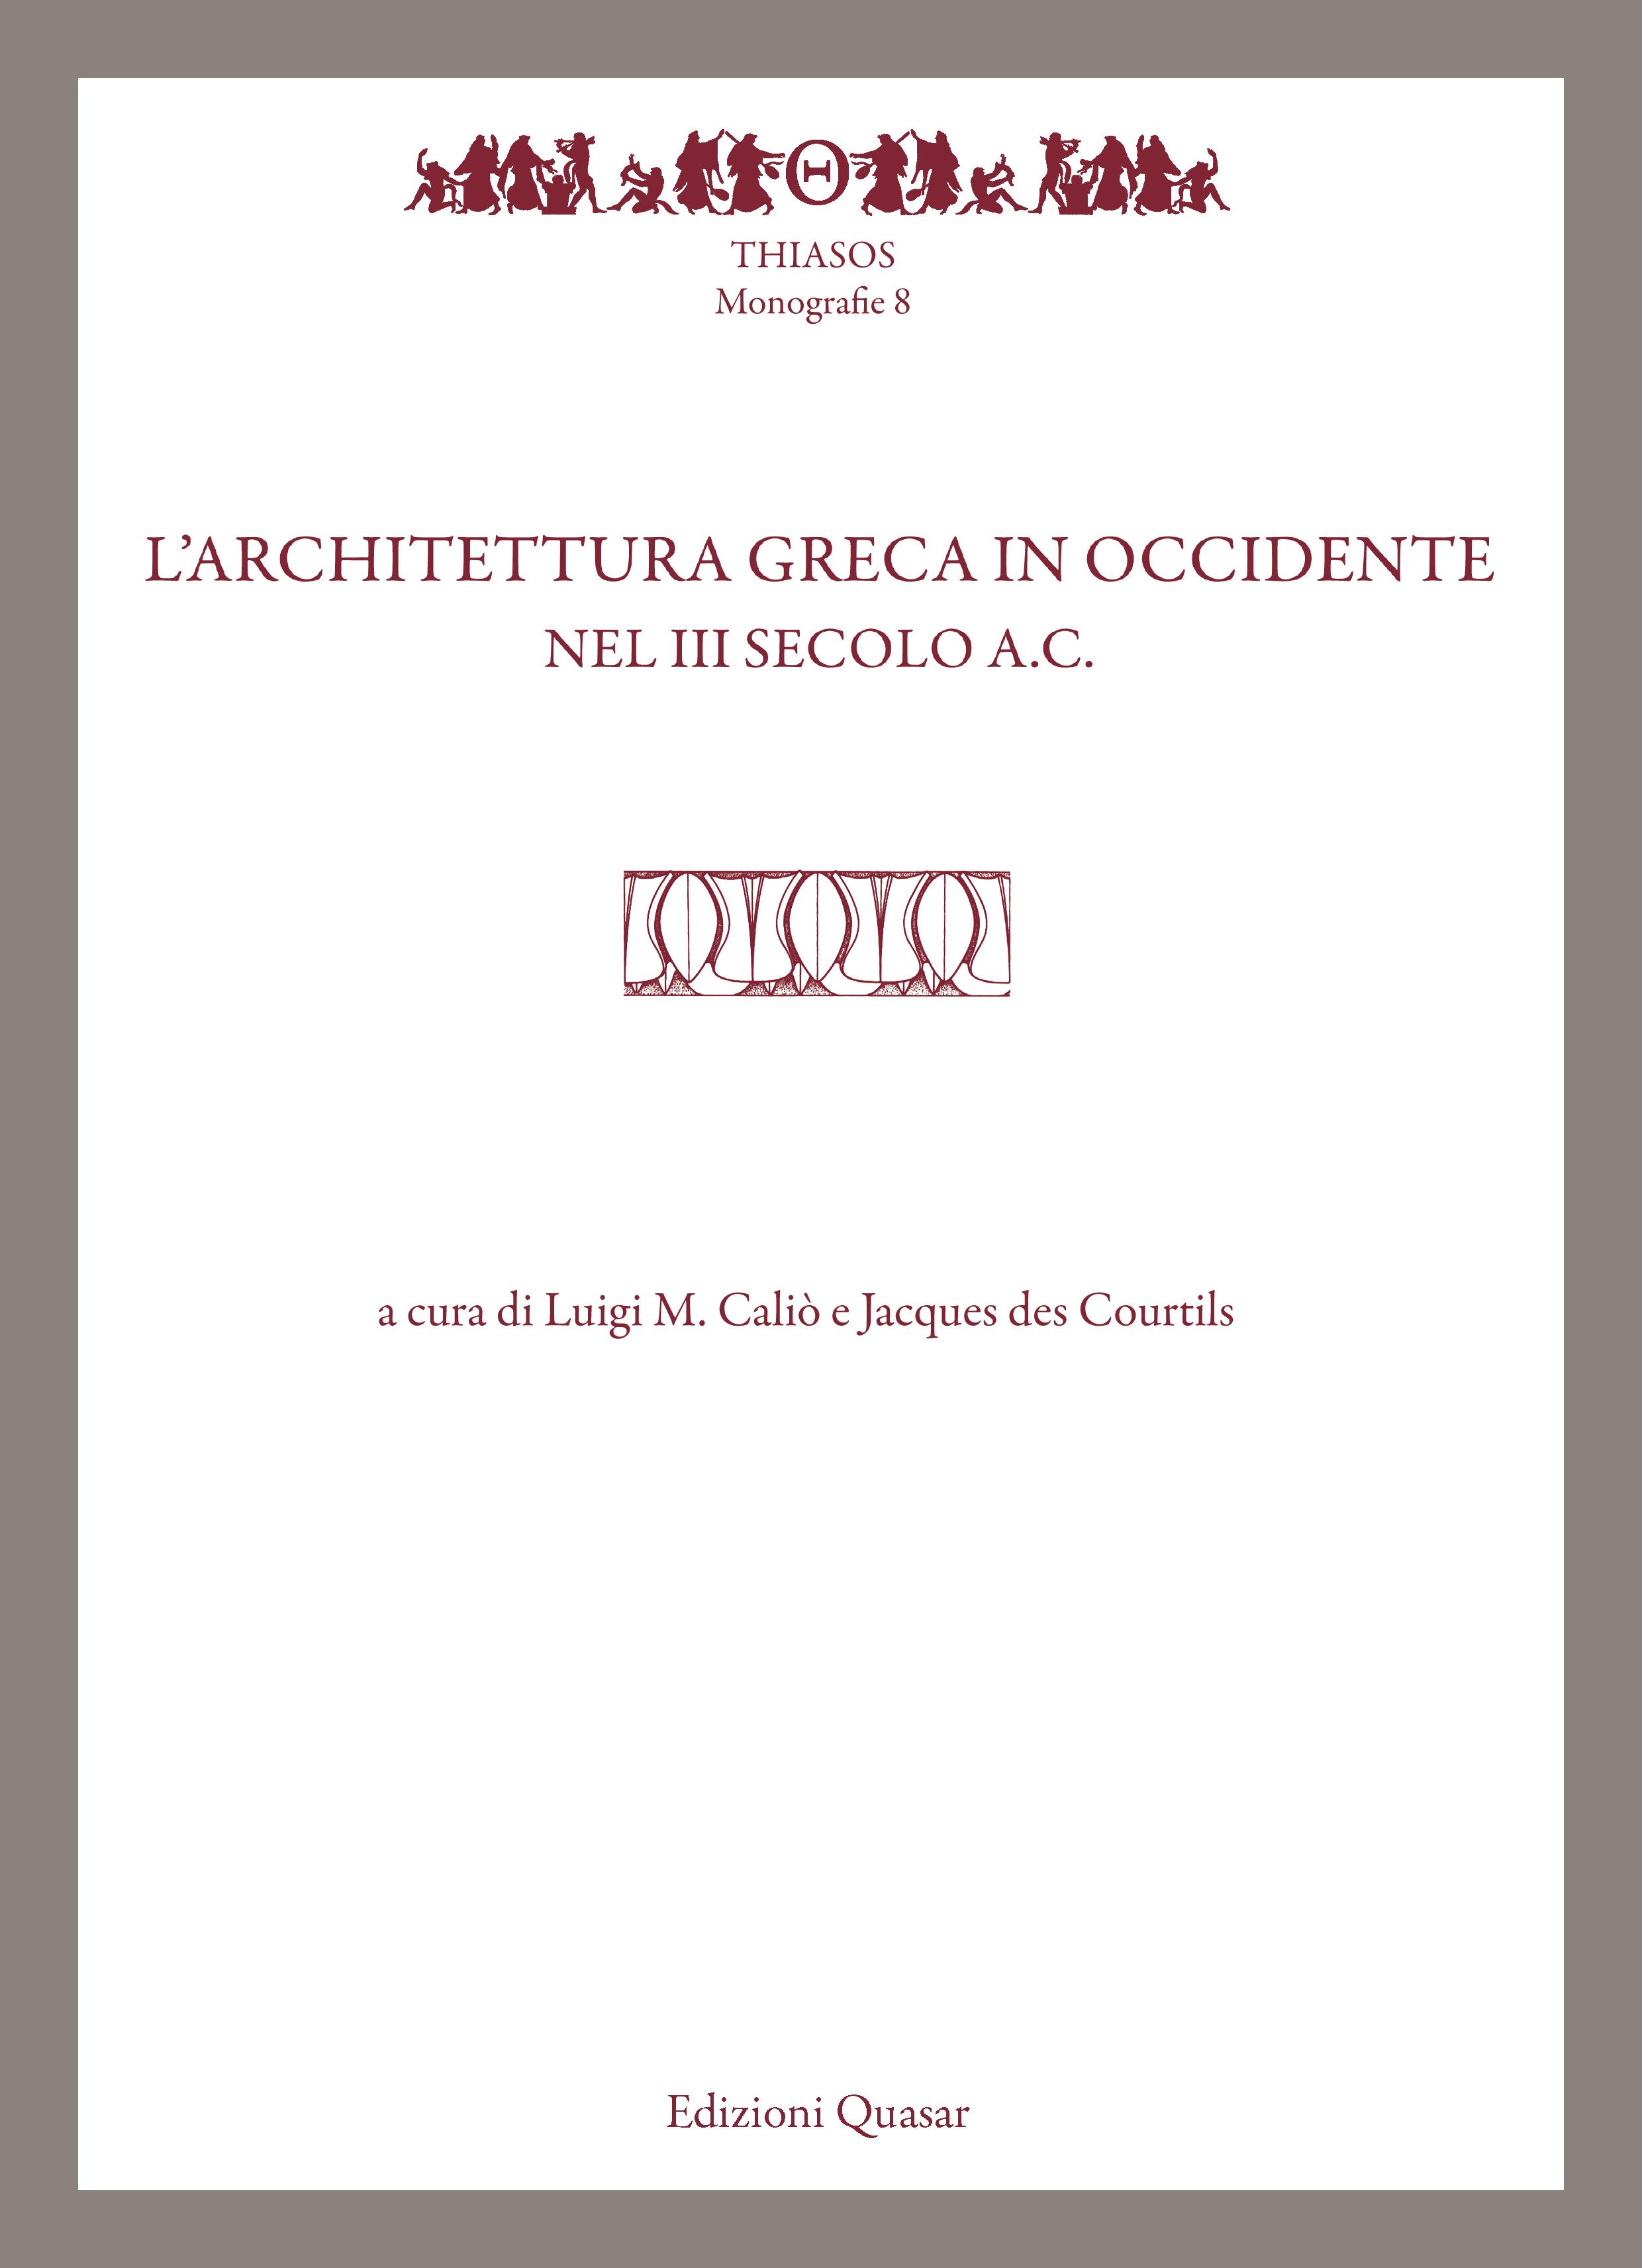 copertina-architettura-3-secolo